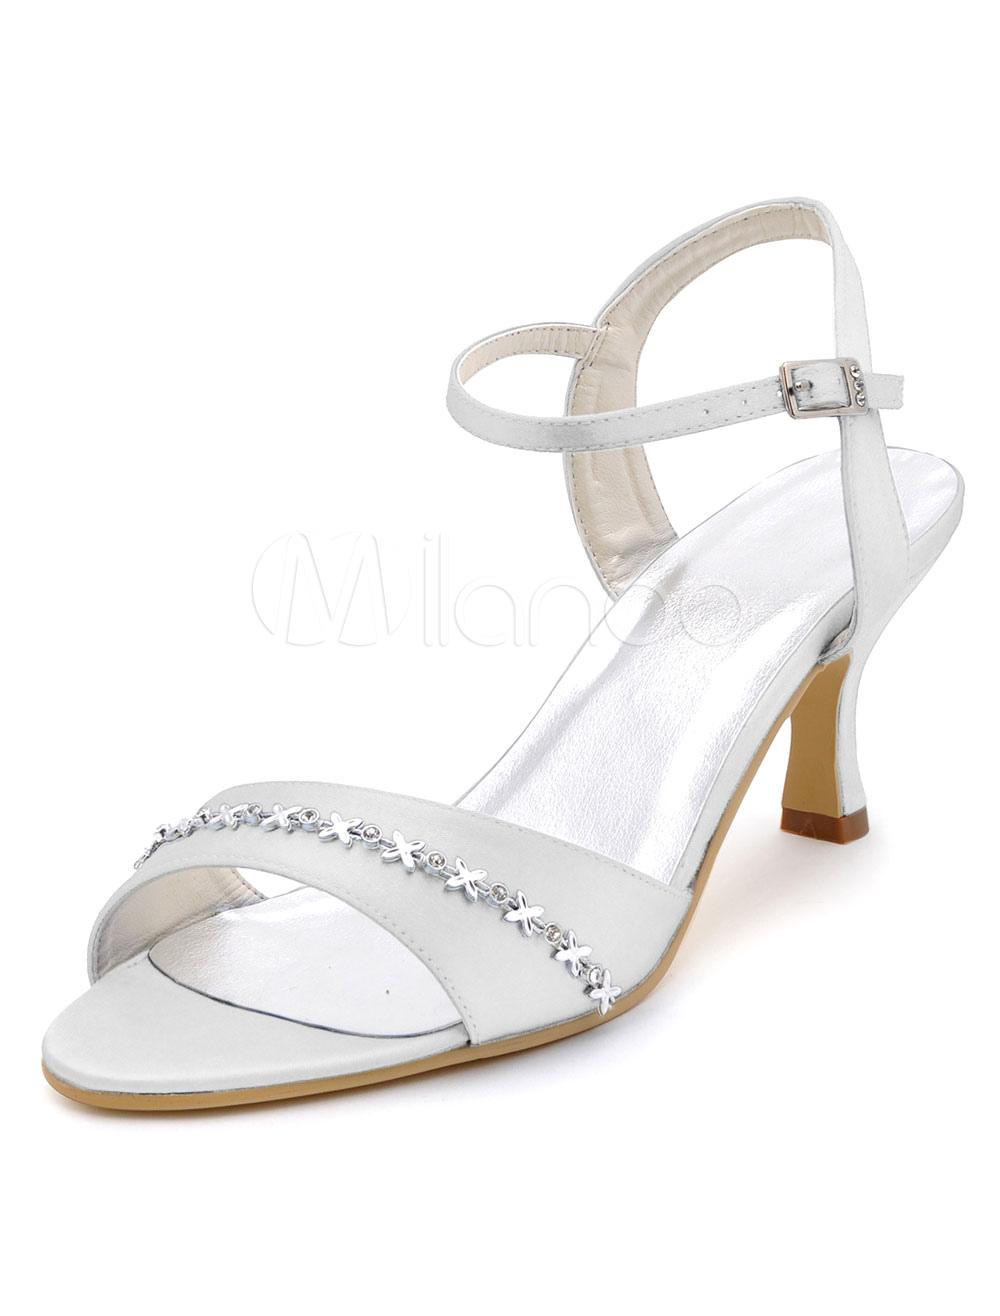 De Zapatos De Nupcial Abierto Blanco Boda Sandalias De Tacón Cadena Decoración Toe Alto T5FwOy6qOa